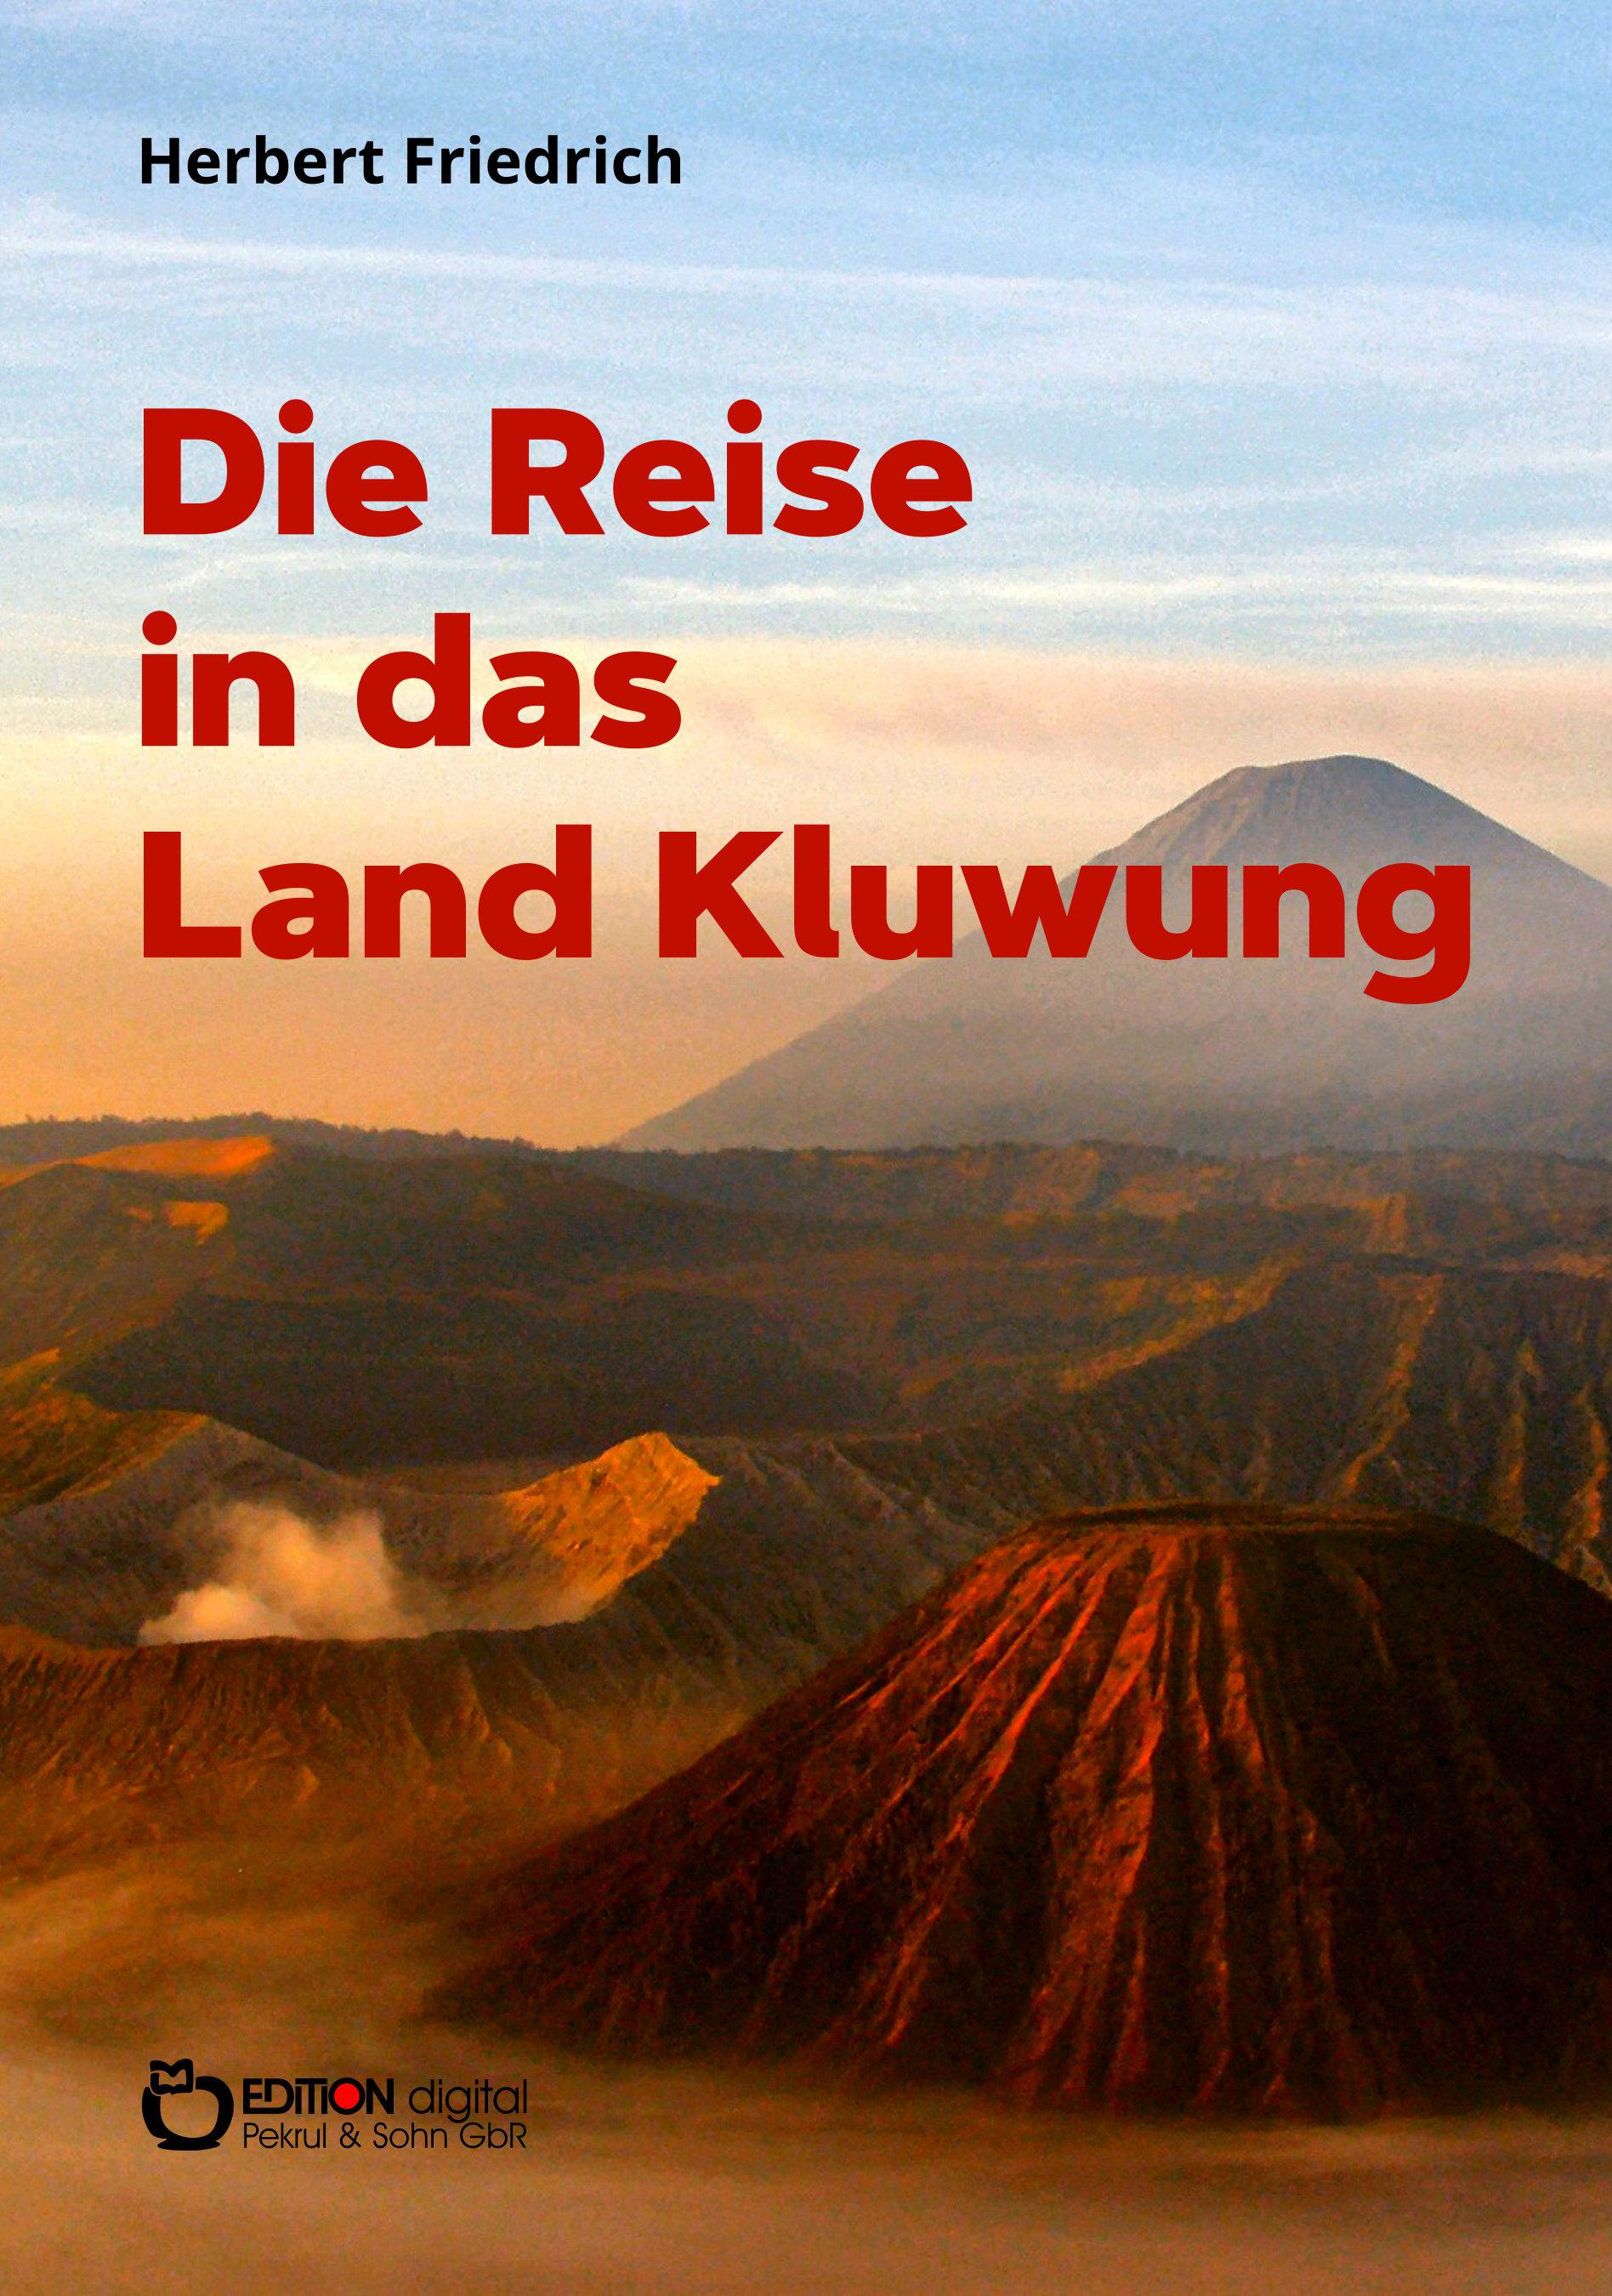 Die Reise in das Land Kluwung. Javanische Sagen neu erzählt von Herbert Friedrich